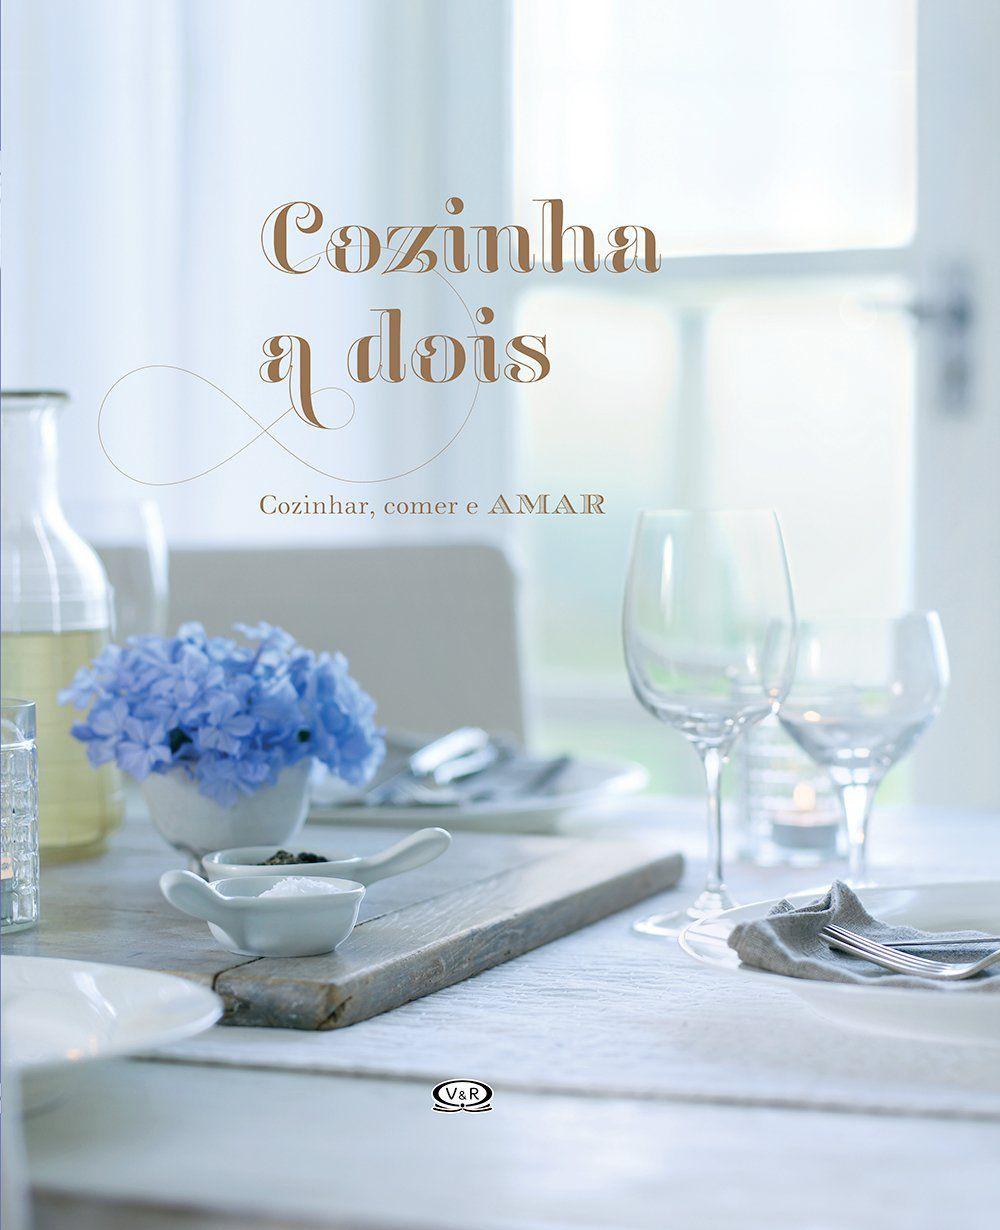 Cozinha a dois: cozinhar, comer e amar